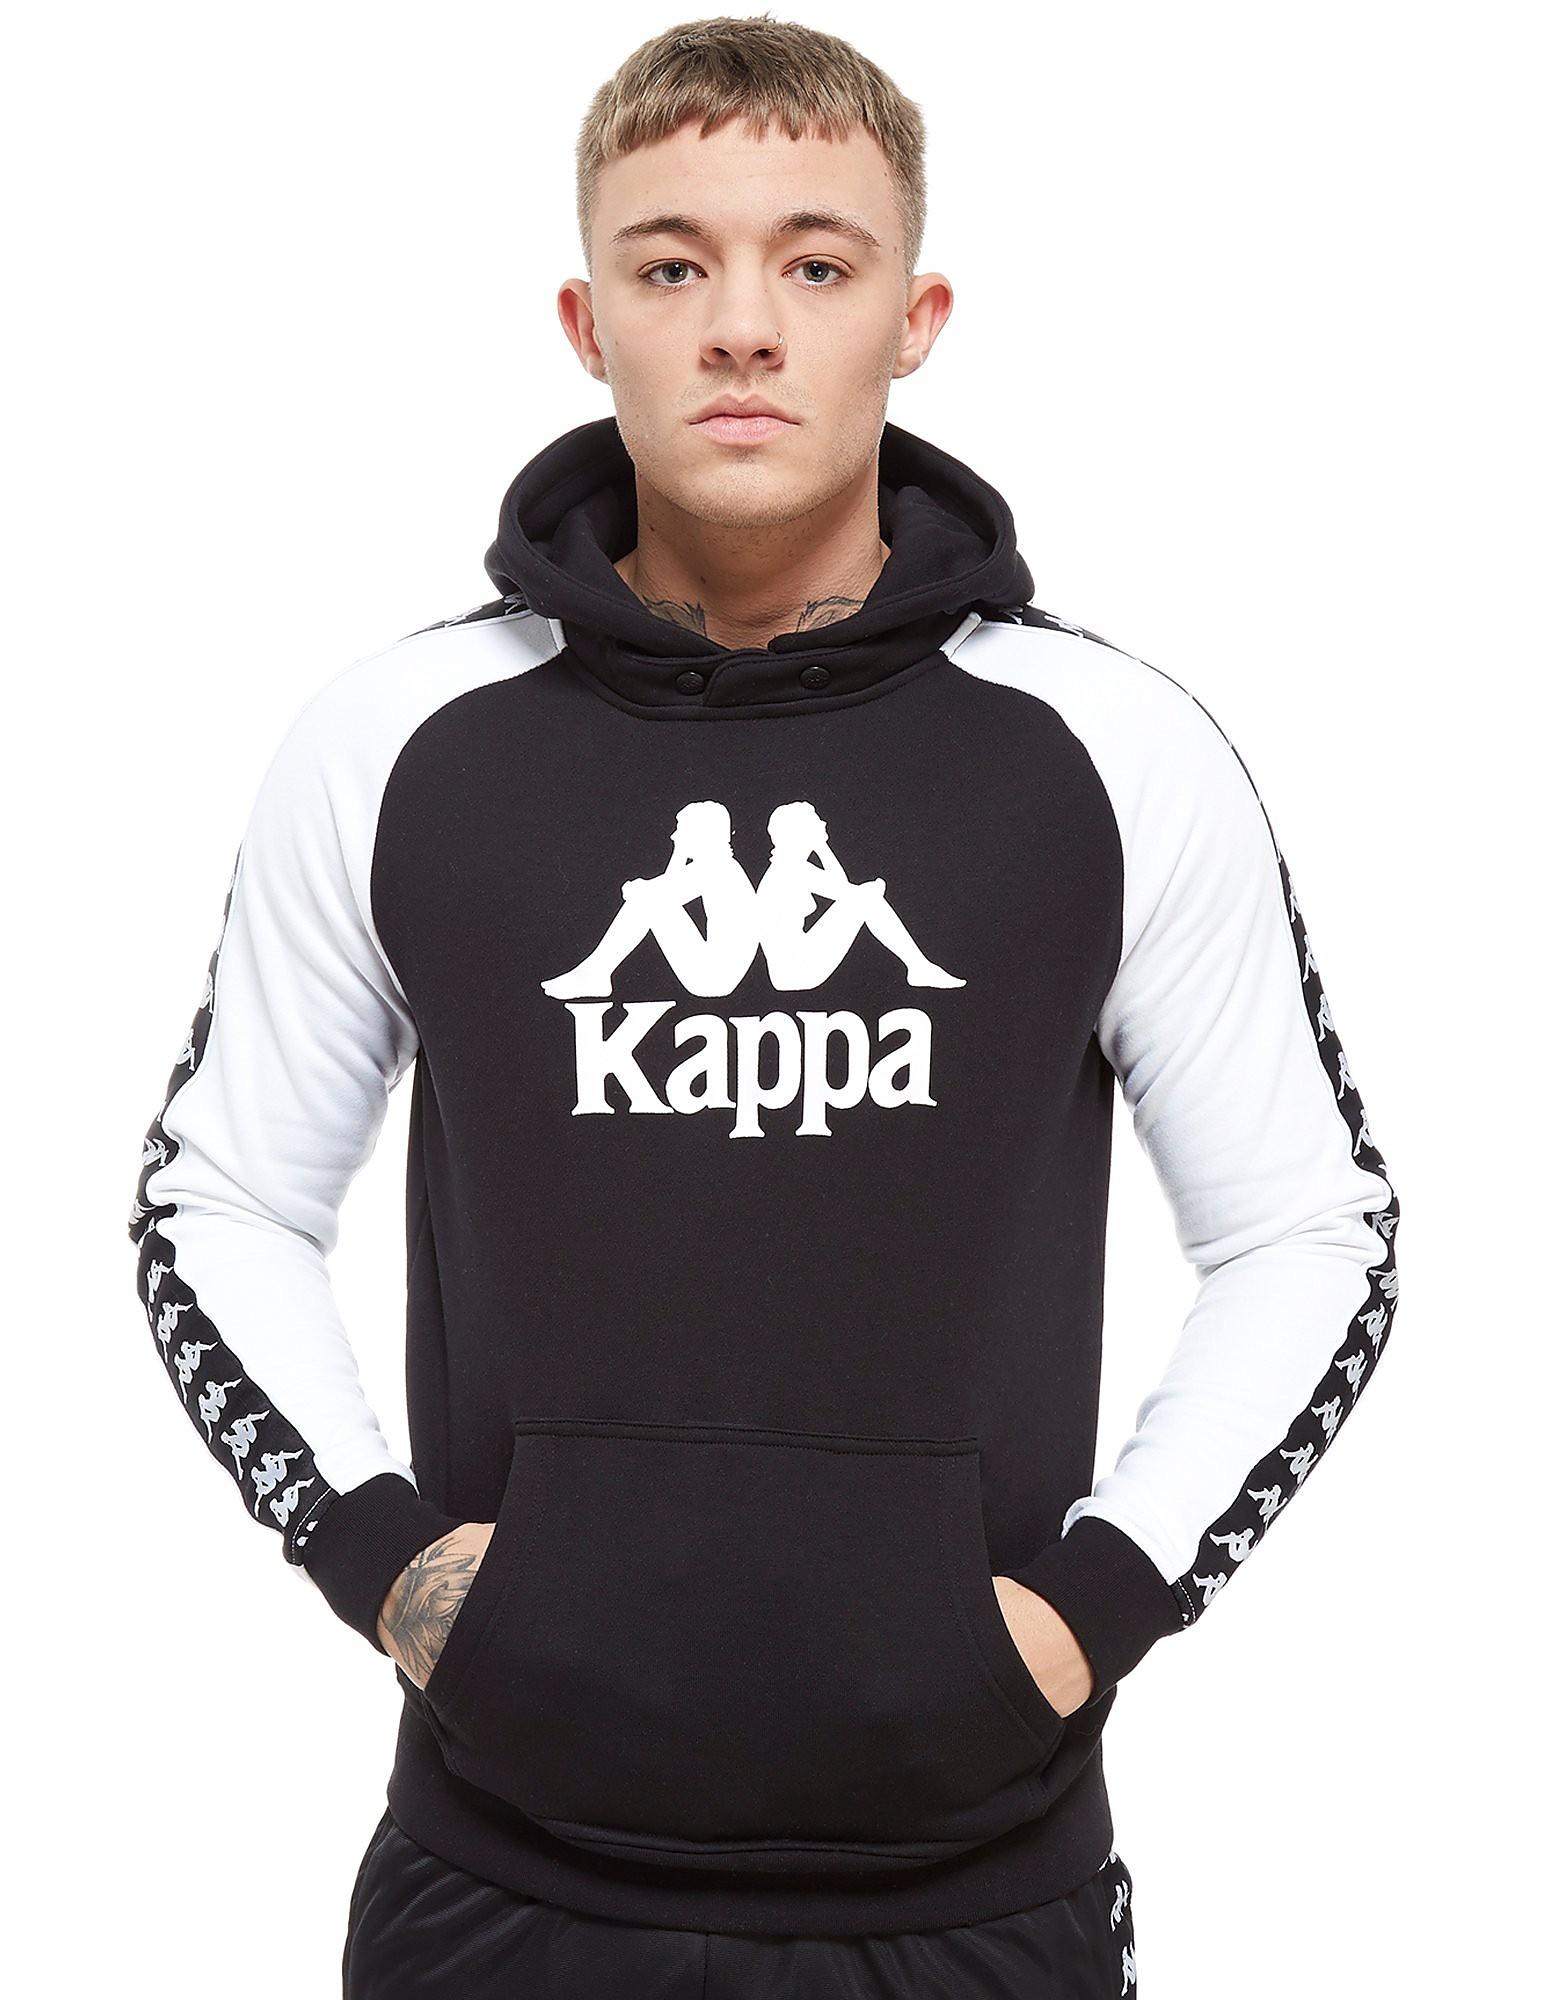 Kappa Iggipop Hoodie